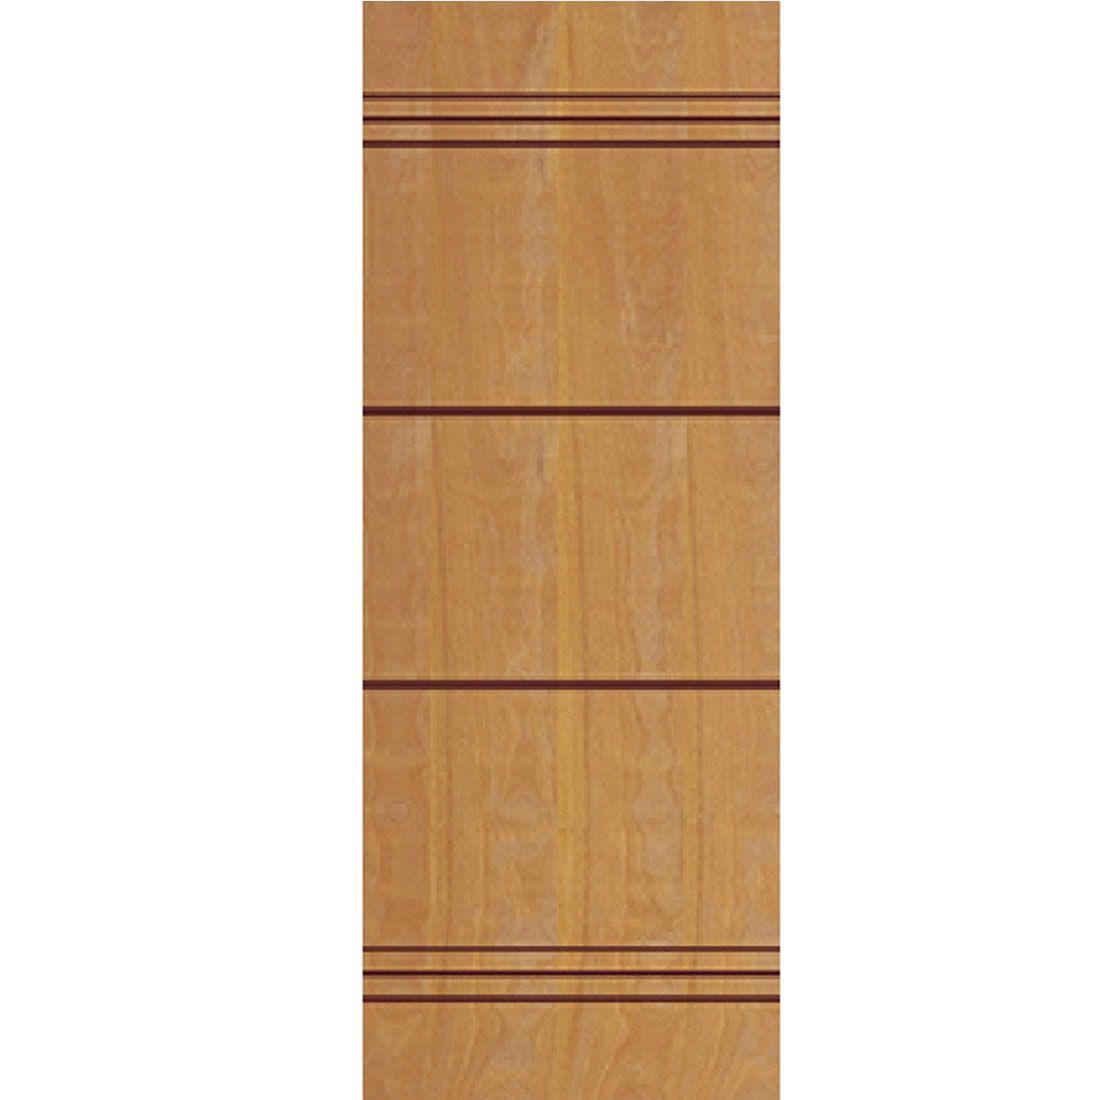 Porta 2,10 x 0,70m em Madeira Curupixa Semi Sólida Modelo 08 Frisada JB Paes